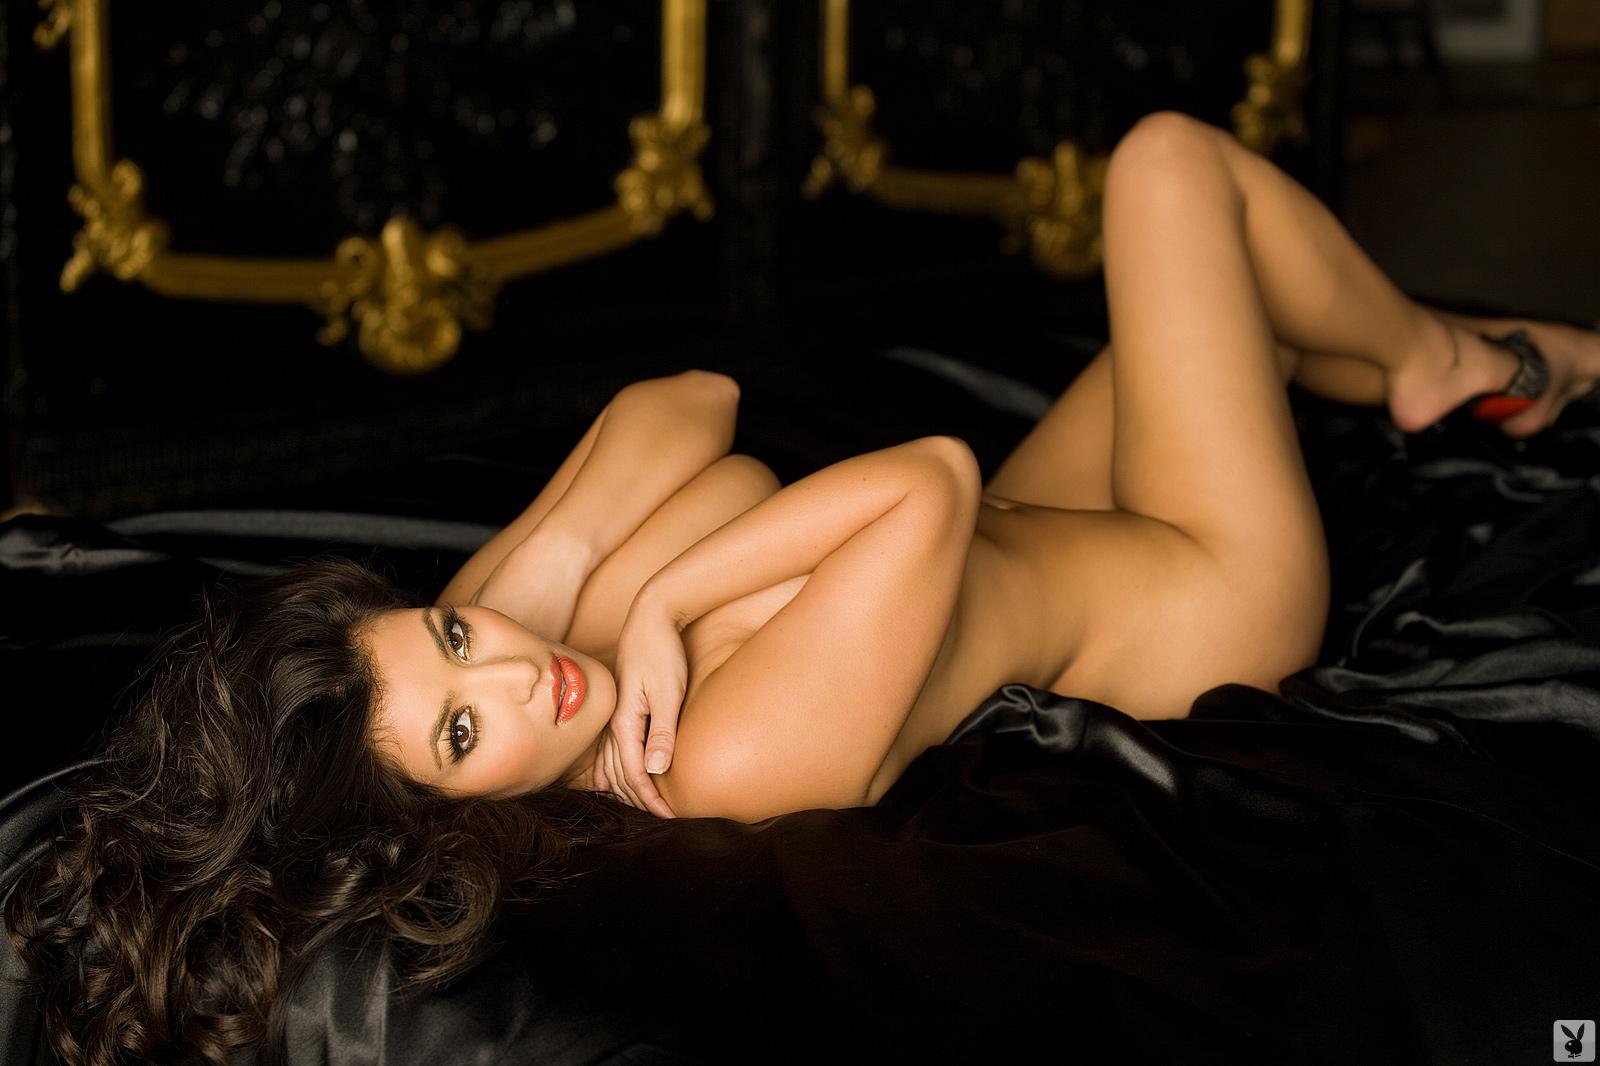 Kim kardashian sexy naked picture, pleasure babes free porn